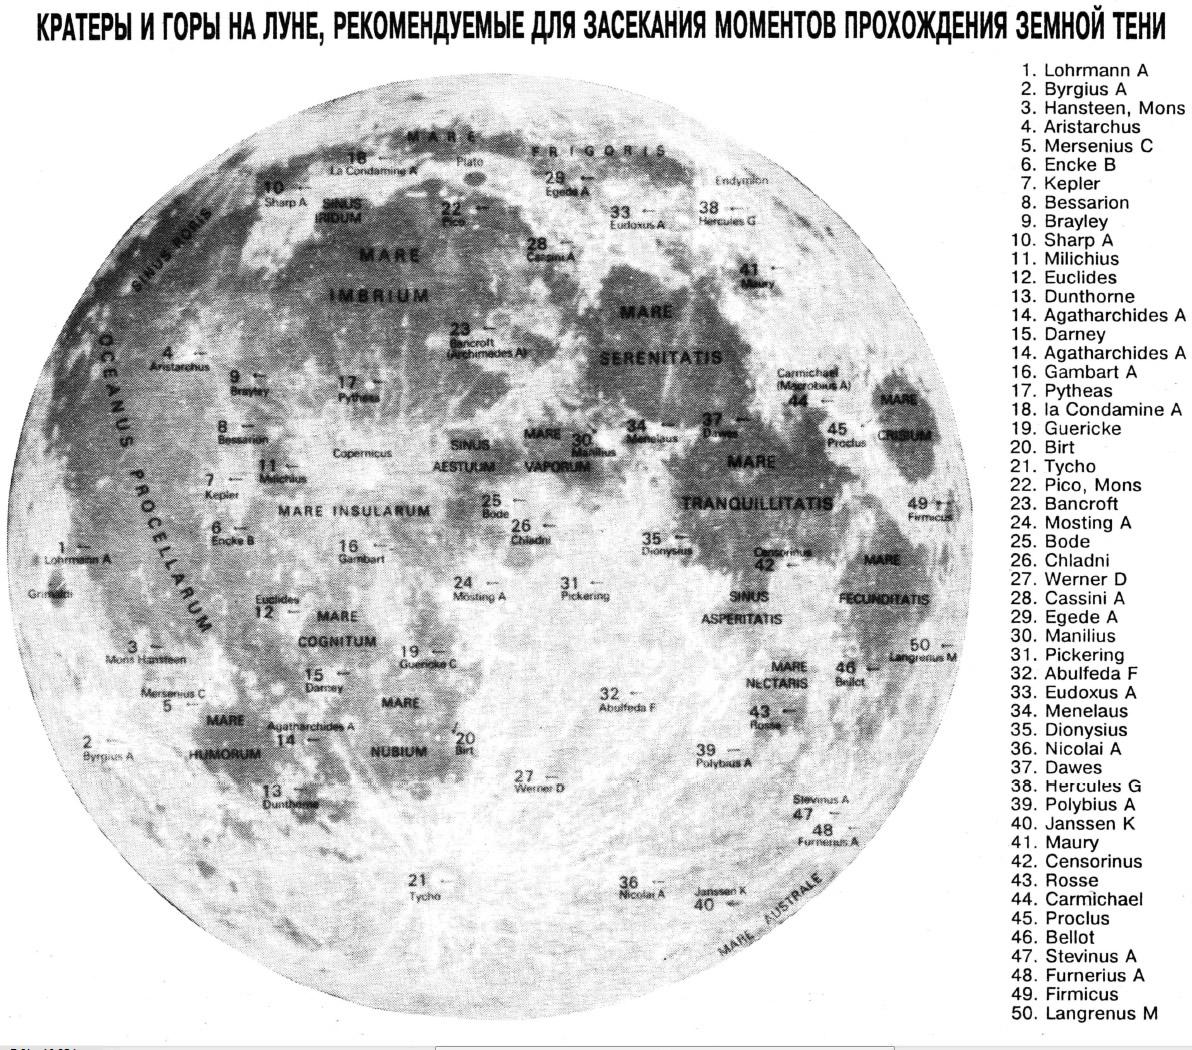 Кратеры и горы на Луне